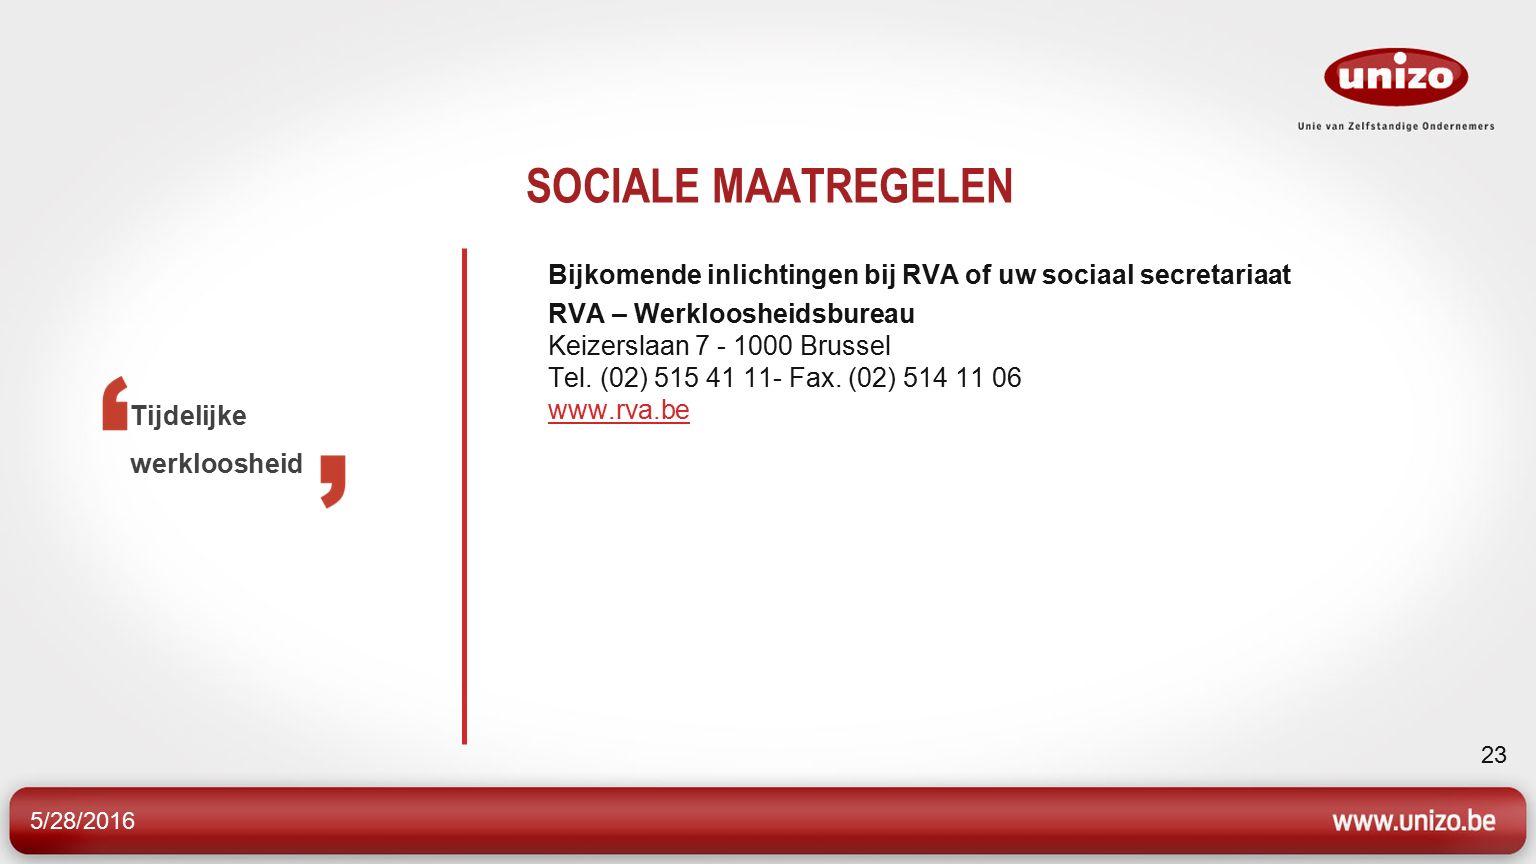 5/28/2016 23 SOCIALE MAATREGELEN Bijkomende inlichtingen bij RVA of uw sociaal secretariaat RVA – Werkloosheidsbureau Keizerslaan 7 - 1000 Brussel Tel.